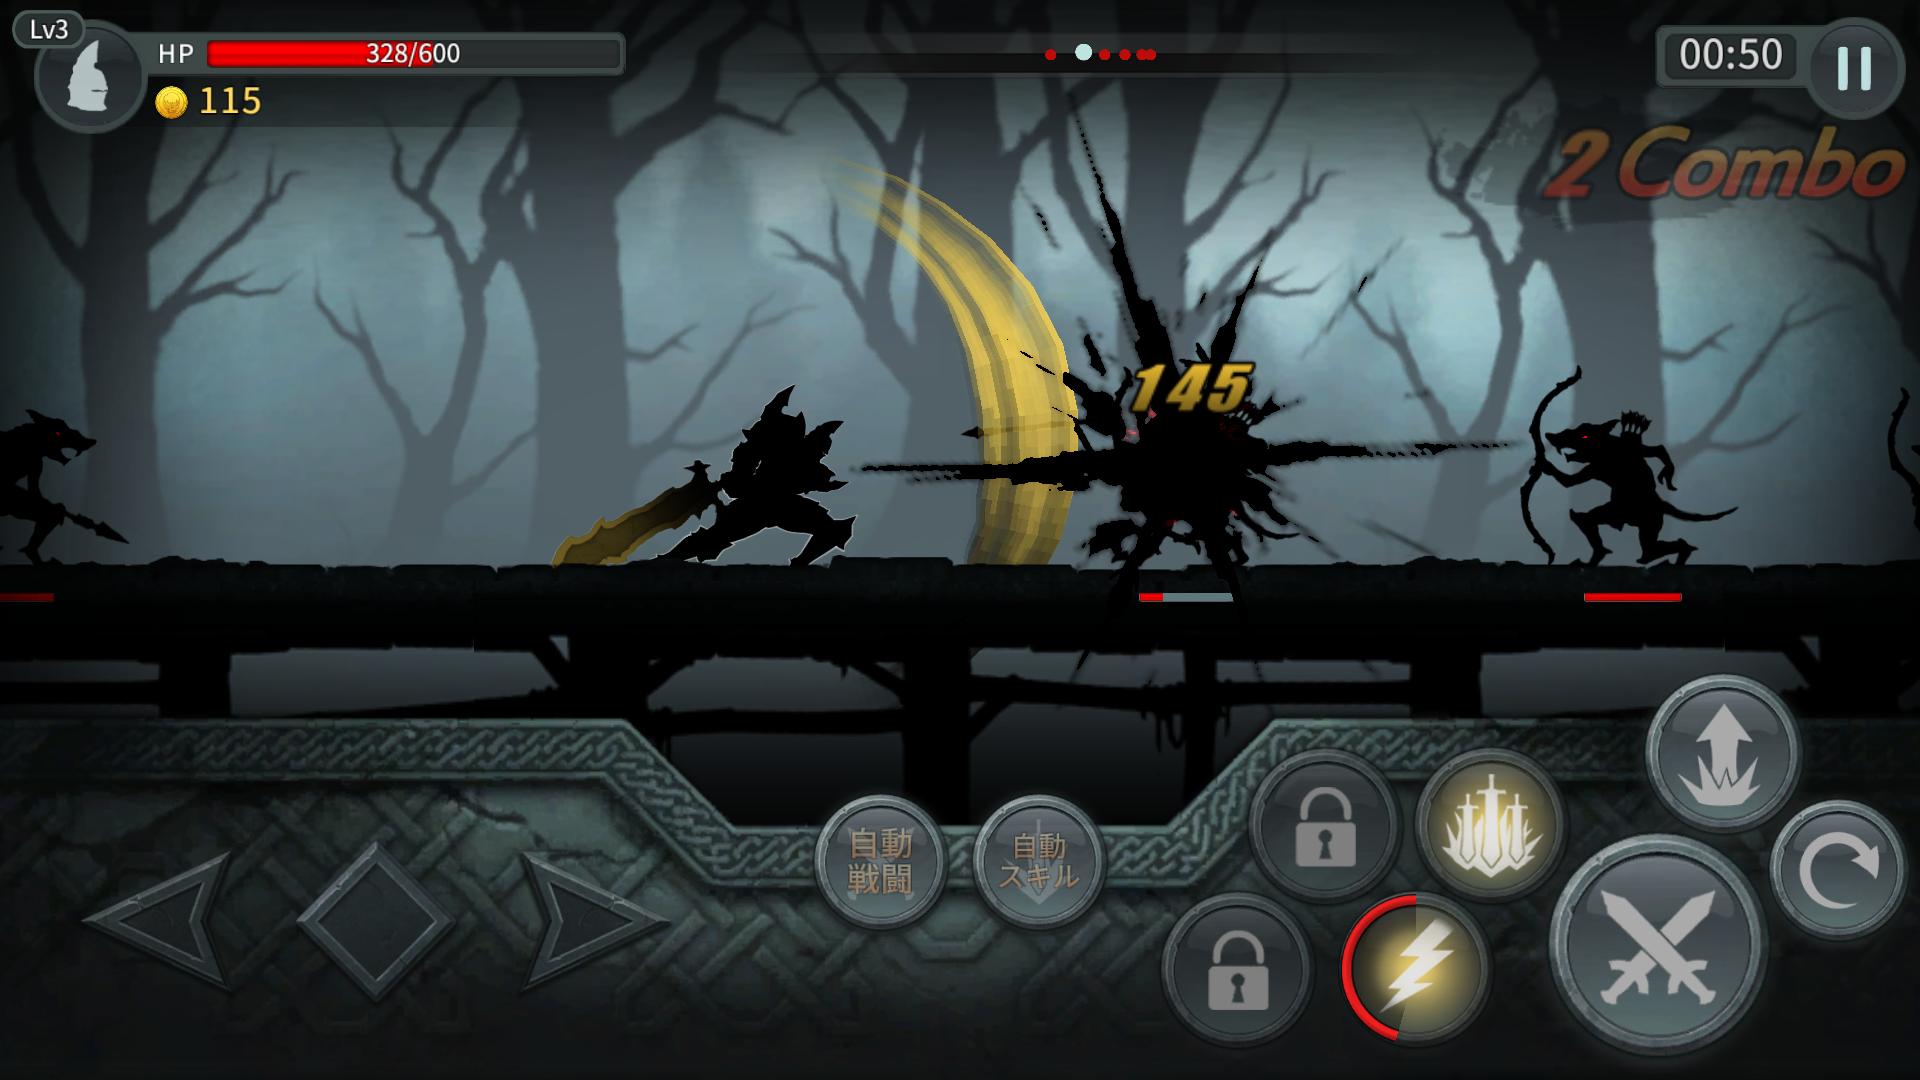 ダークソード(Dark Sword) androidアプリスクリーンショット1